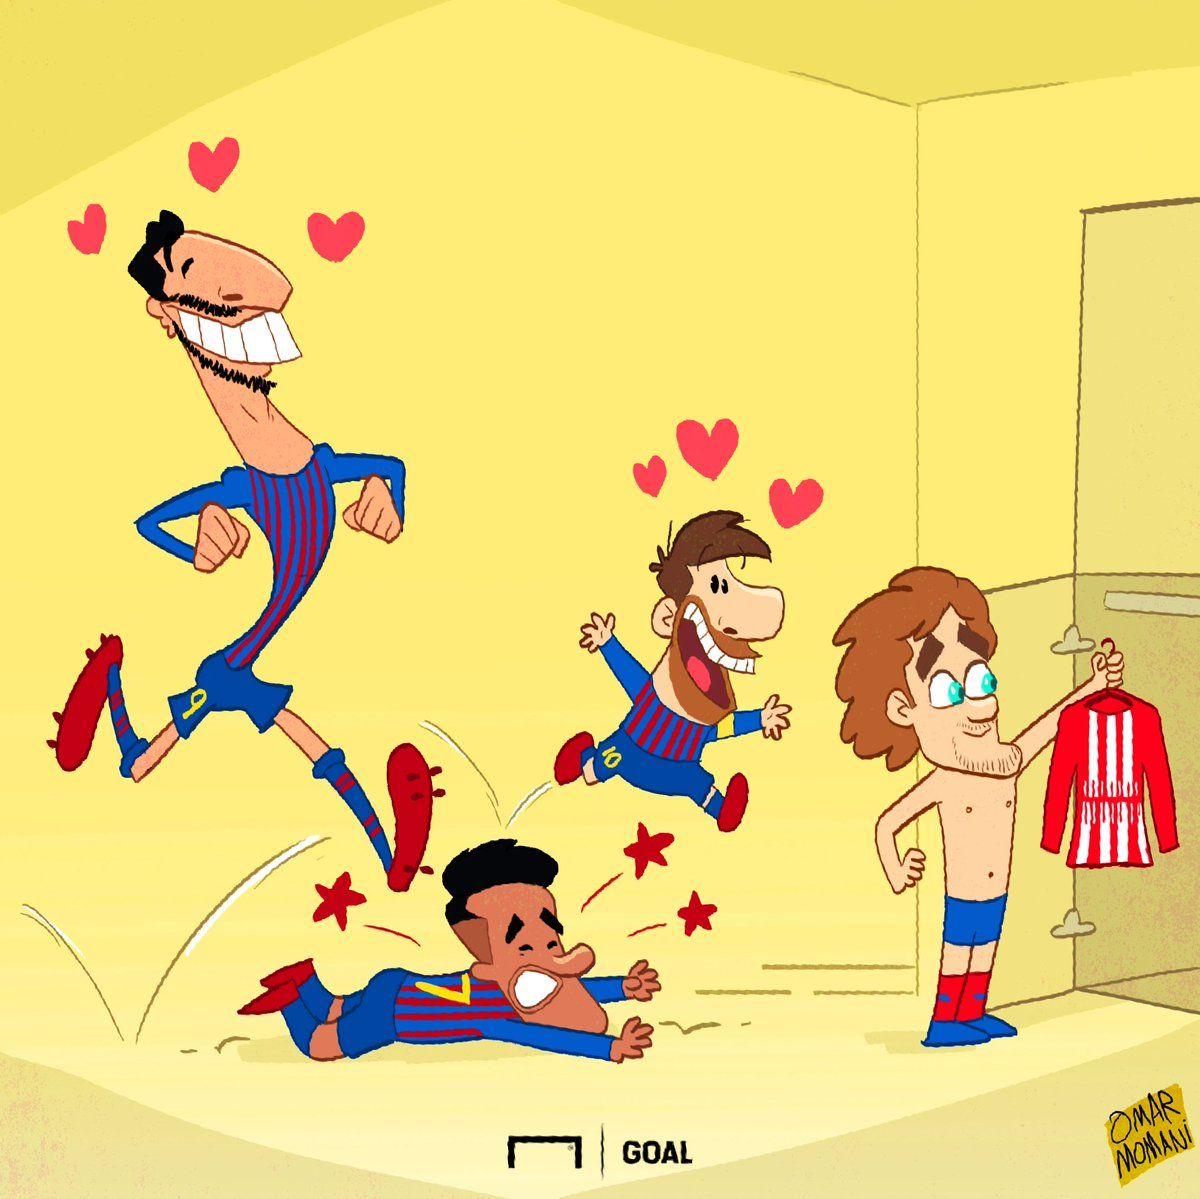 """Omar Momanidan yangi karikatura: Grizmann ketishini malum qilganidan keyin """"Barselona"""" futbolchilarining ahvoli"""